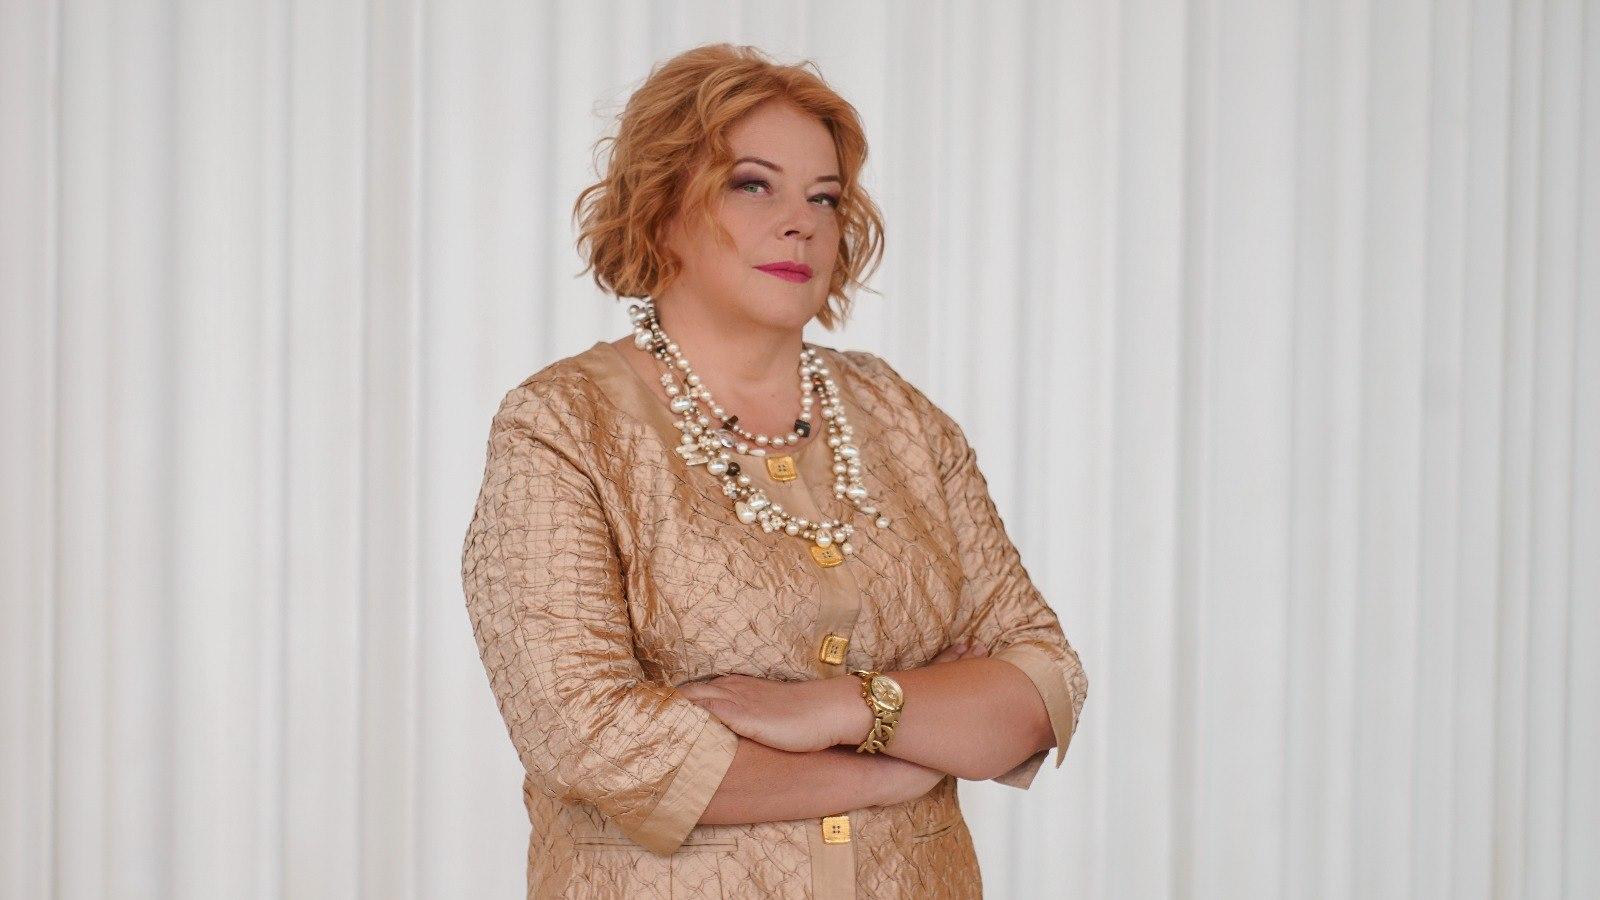 Елена Чиркова, кандидат экономических наук, партнёр группы компаний по управлению инвестициями Movchan's Group. Работает на рынке инвестиций с 1991 года